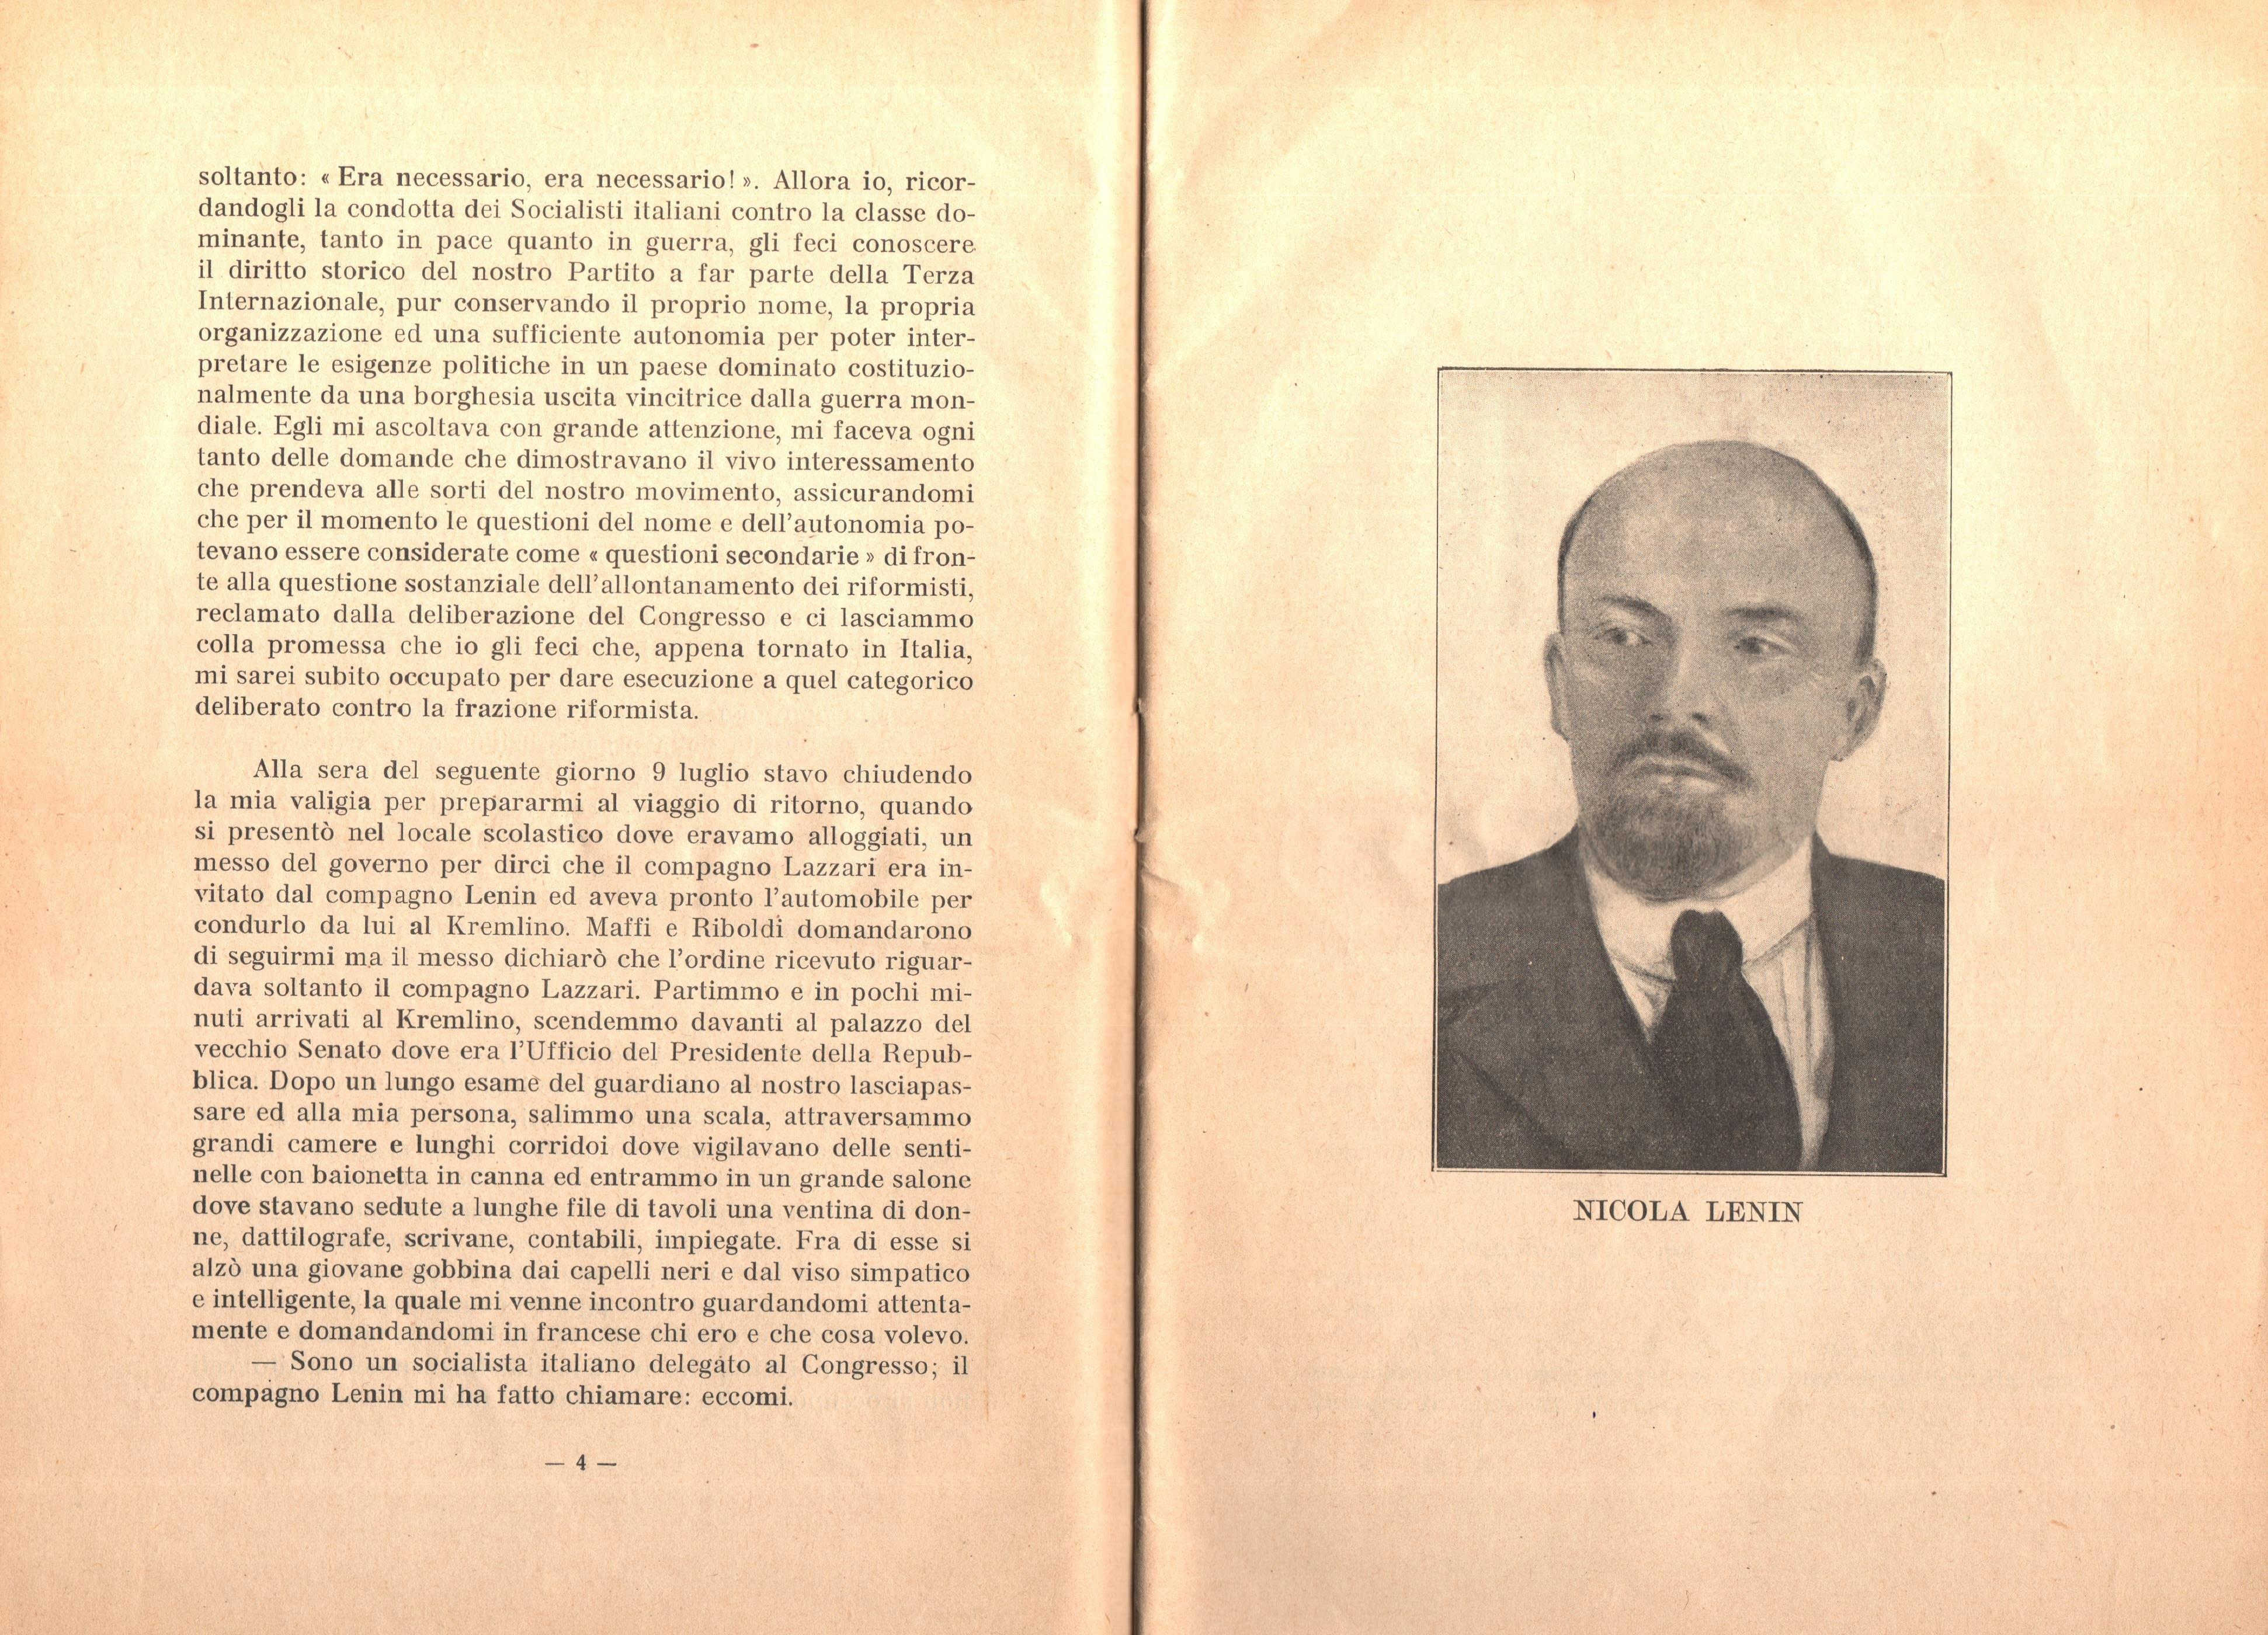 C. Lazzari, Il mio ultimo colloquio con Nicola Lenin - pag. 4